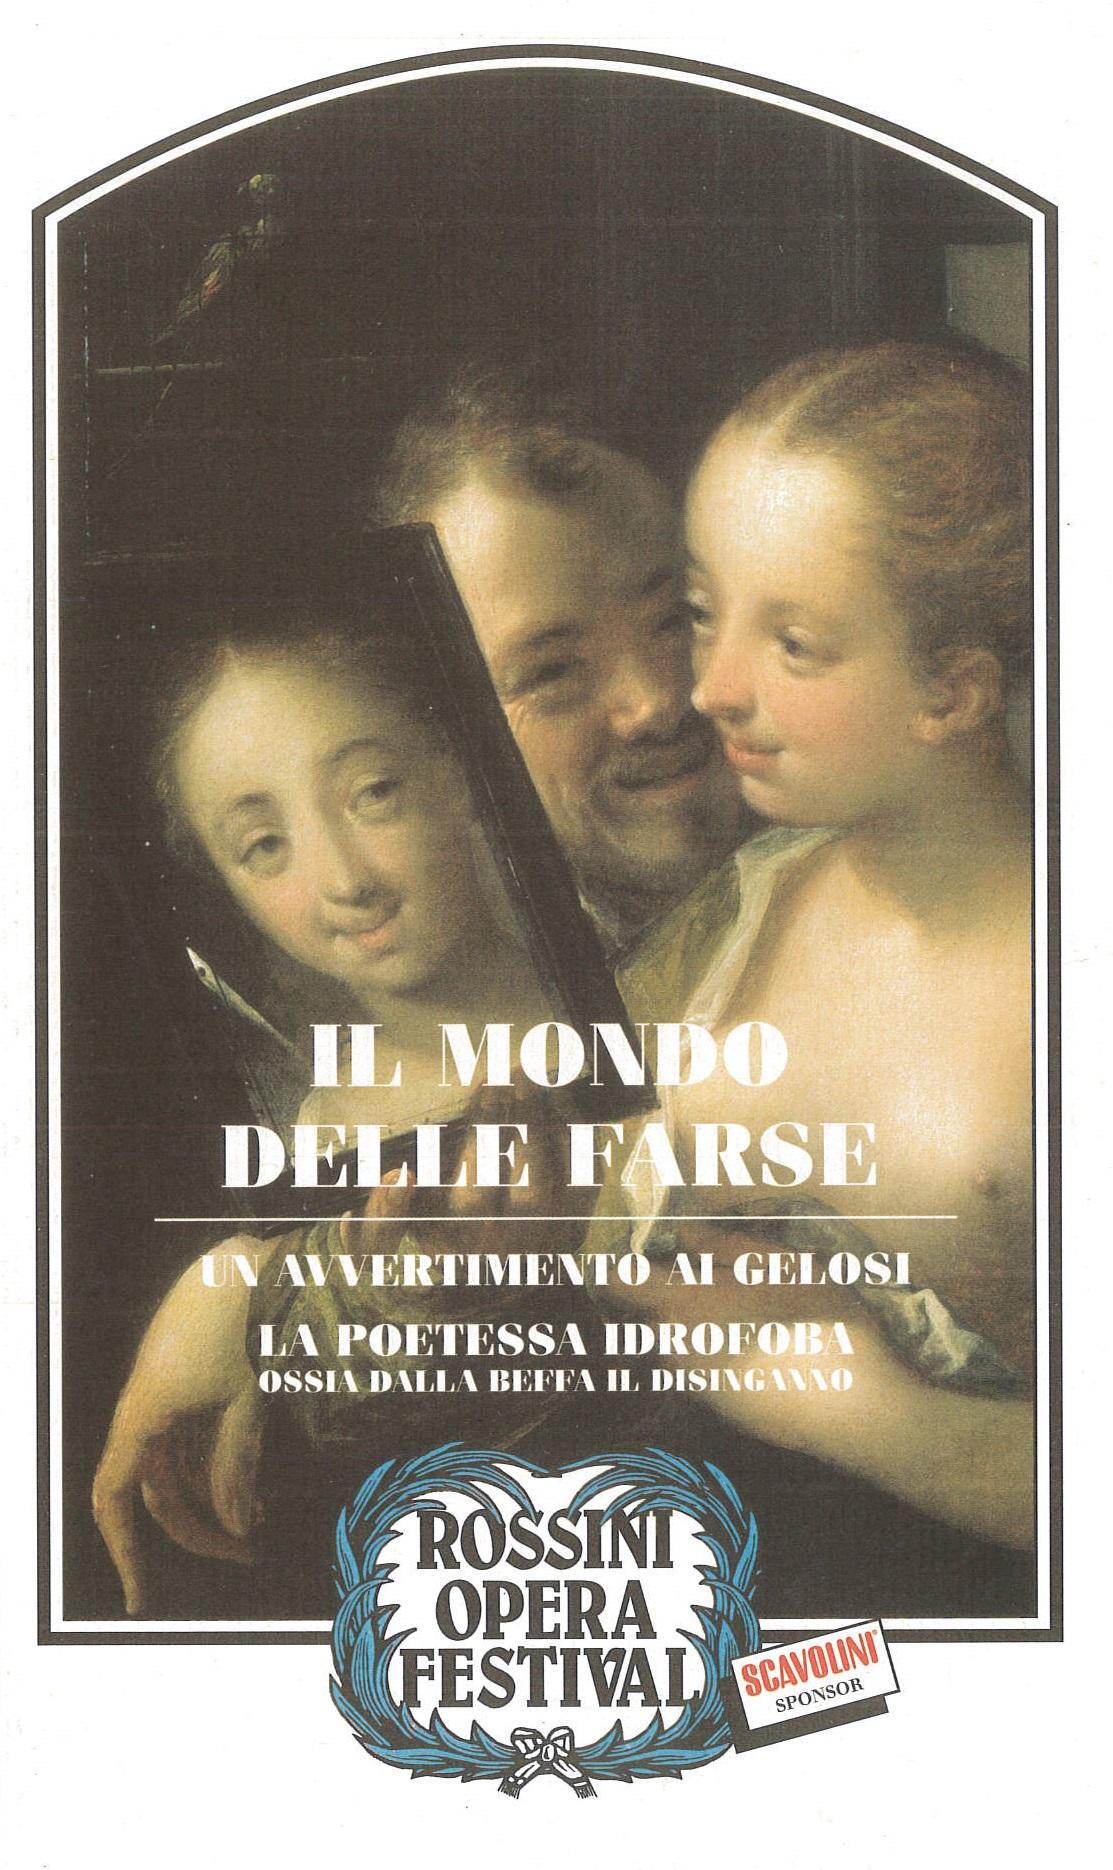 Un avvertimento ai gelosi-La poetessa idrofoba 2001